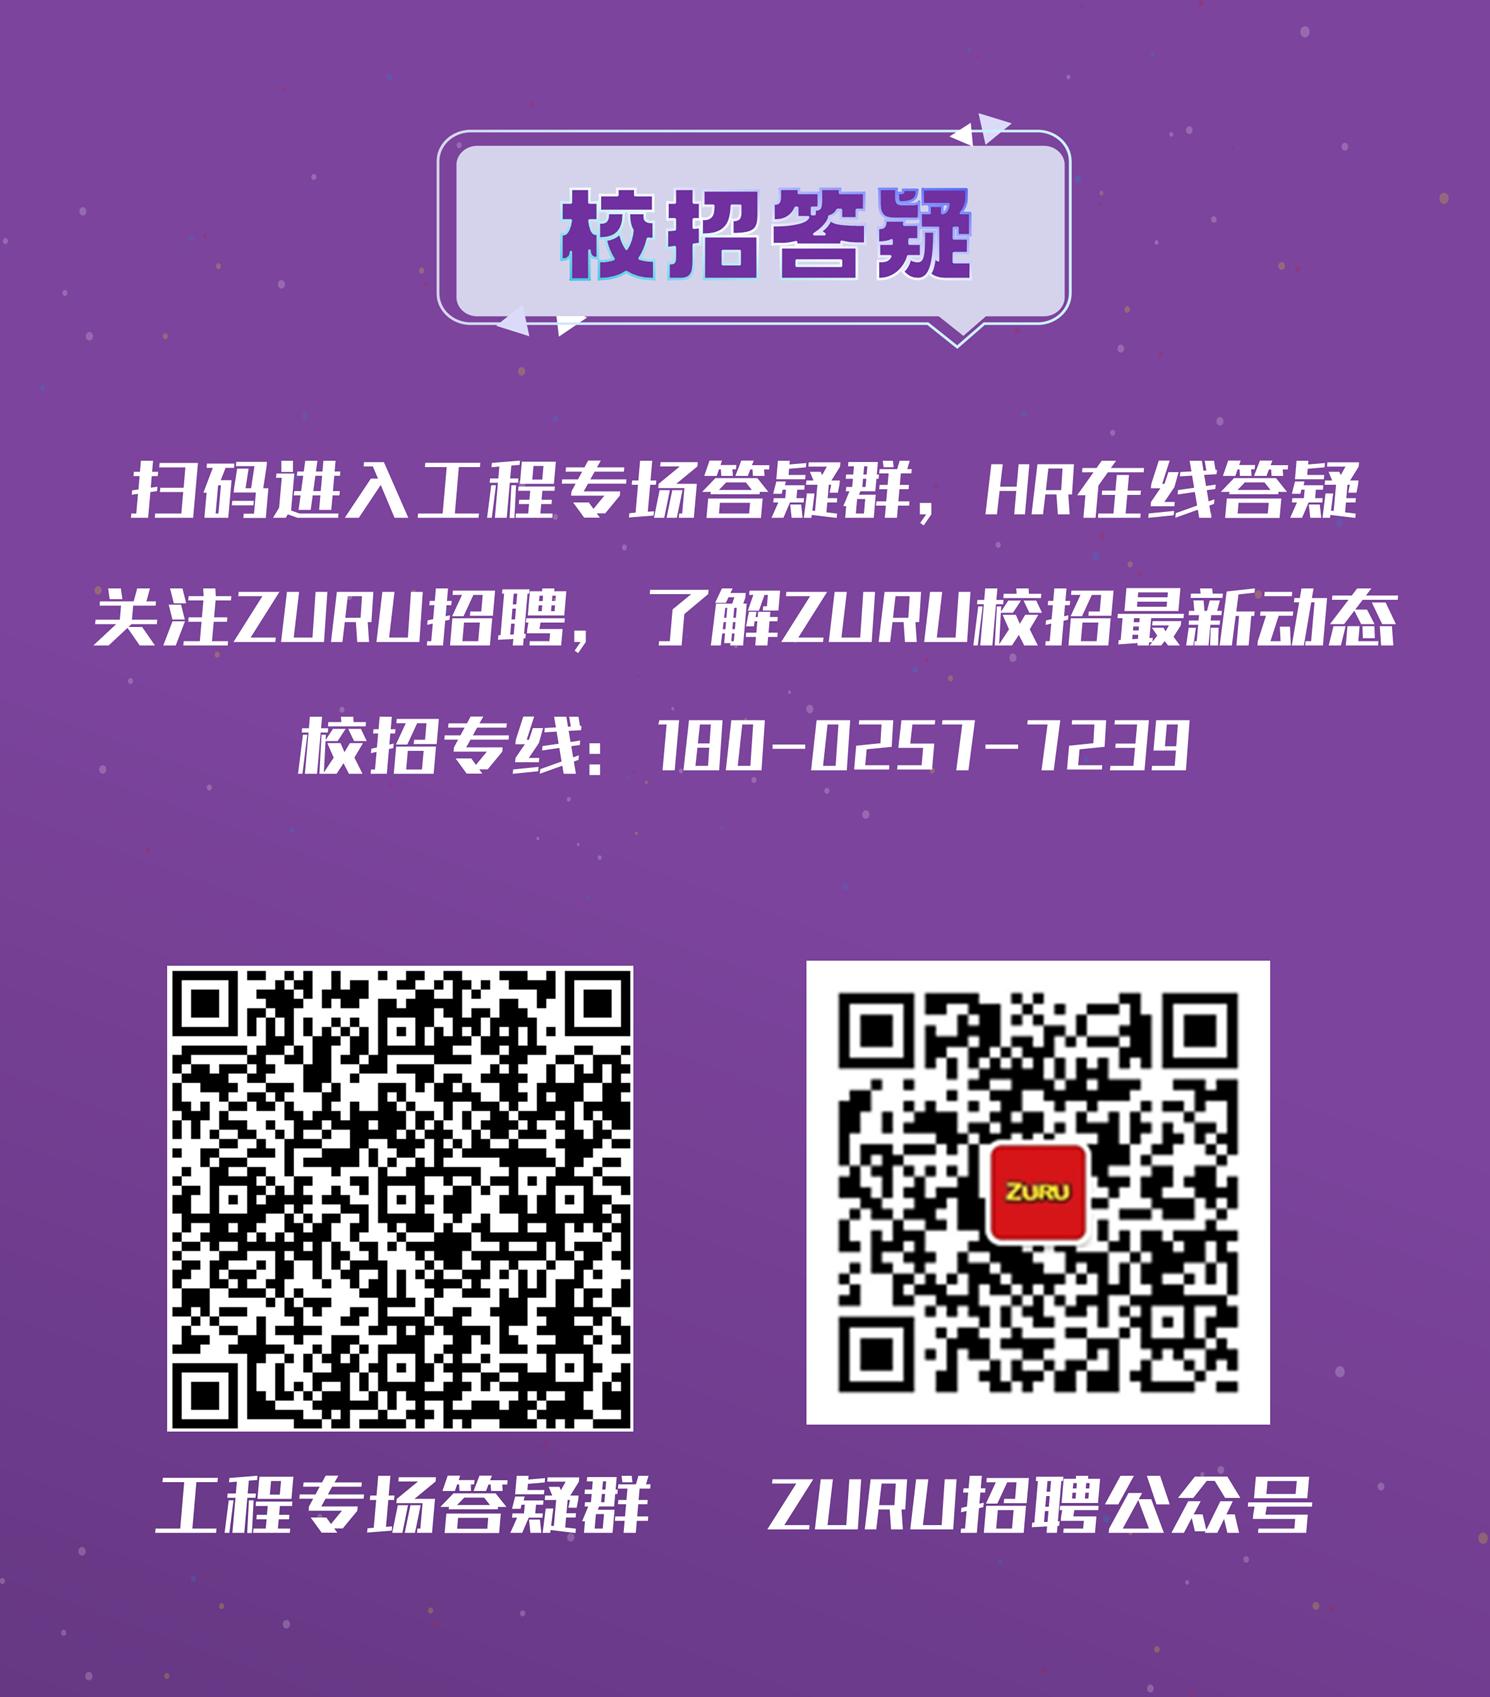 企业微信截图_1631168492705.png